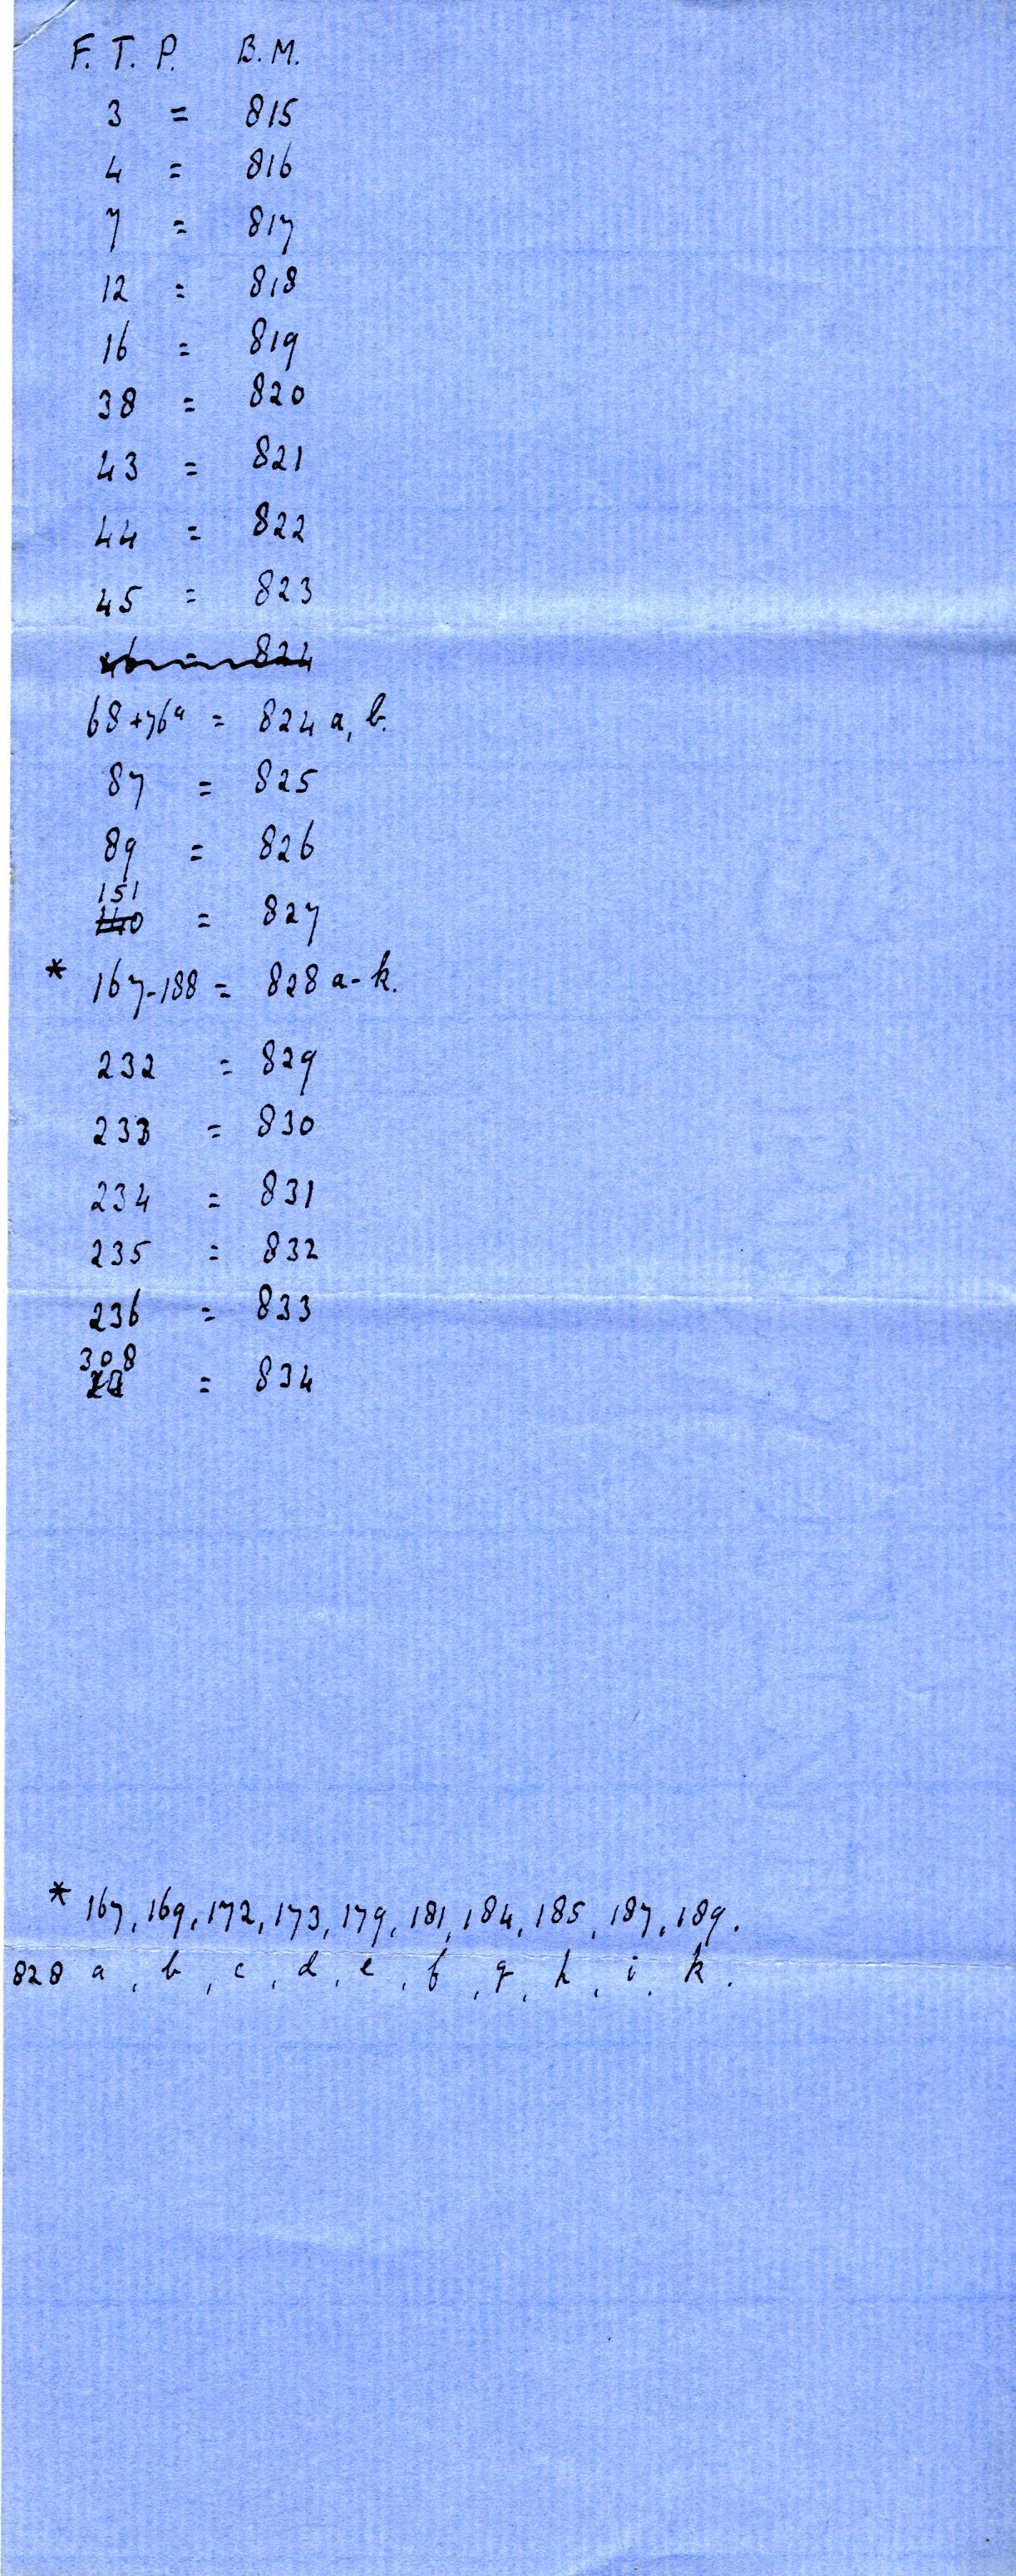 1905-06 Oxyrhynchus, el-Hibeh, Faiyum DIST.27.27b